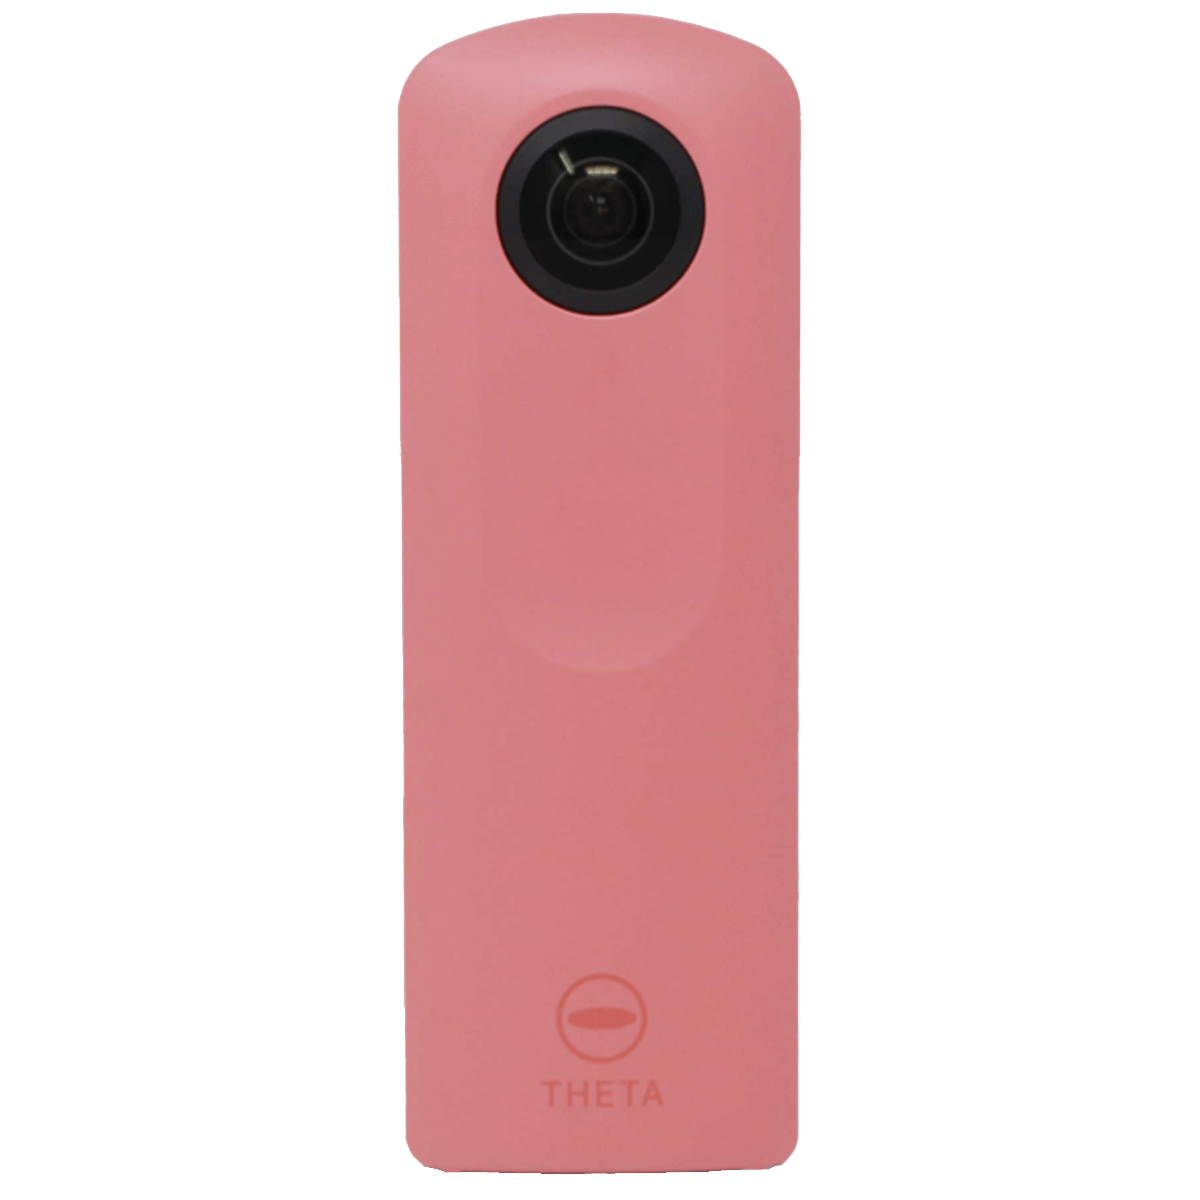 Ricoh 360 camera voorkant